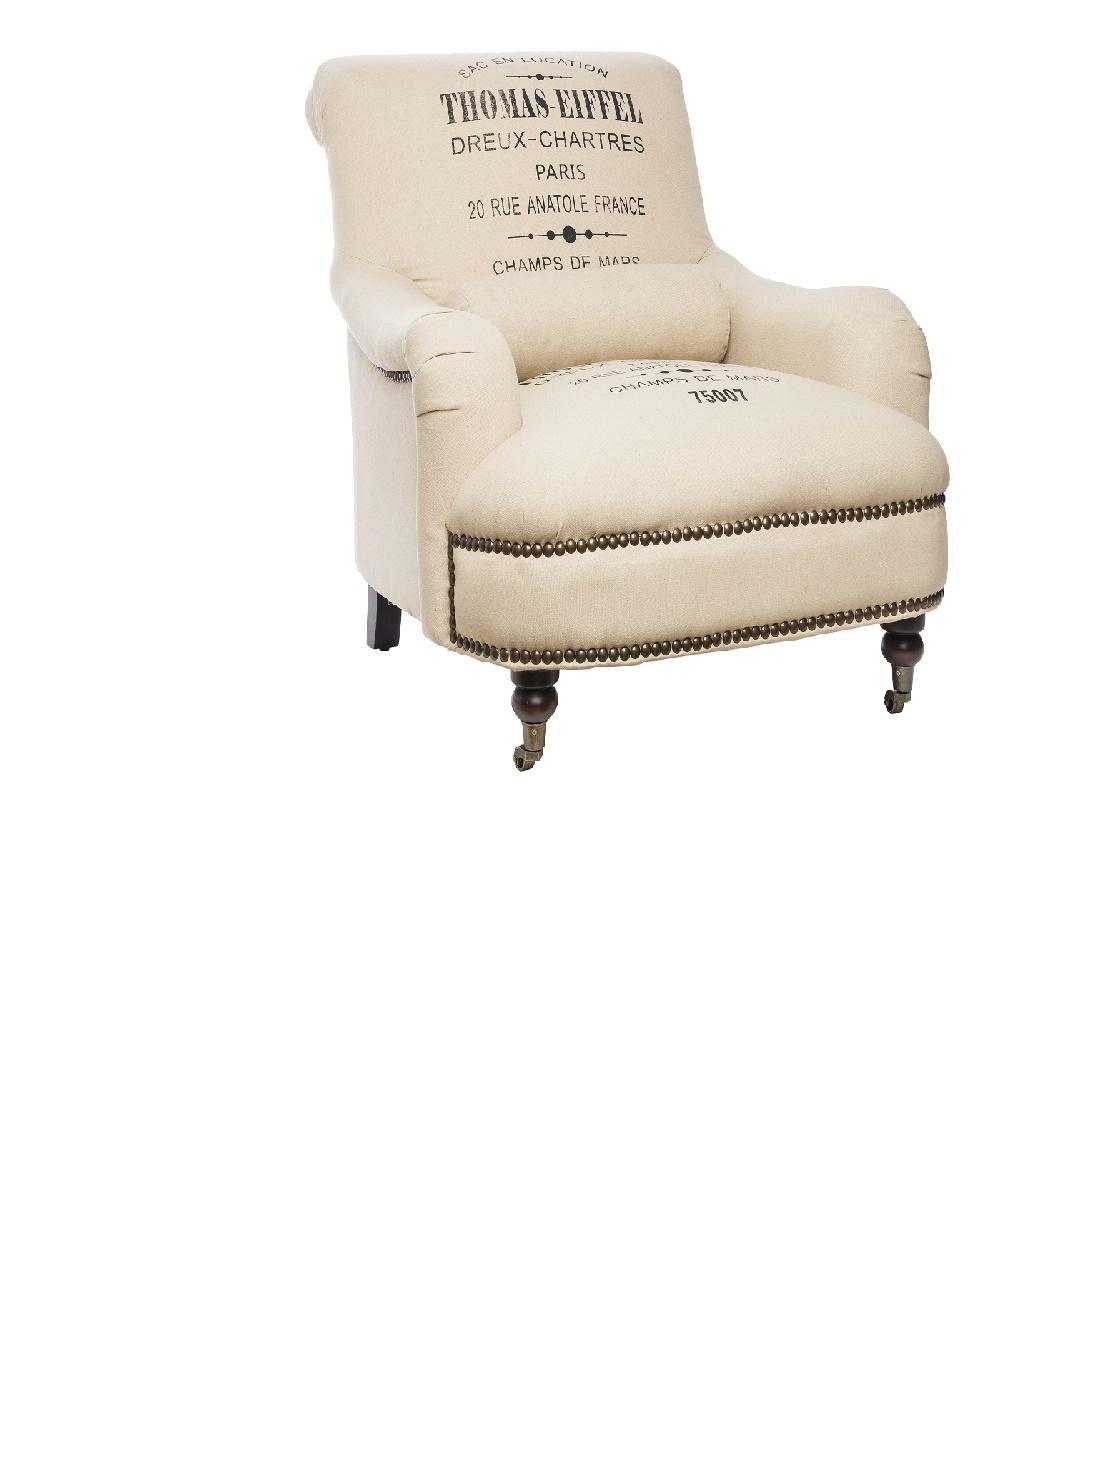 КреслоИнтерьерные кресла<br>Это кресло напоминает о временах, когда вольные художники делали мебель из мешка для кофе. Их простой, грубоватый стиль сейчас повторяет даже мебель класса люкс. Оббивка из плотной ткани бежевого оттенка с принтом-&amp;quot;этикеткой&amp;quot; полностью закрывает спинку, подлокотники и пышное сиденье. Каркас в нижней части дополнительно декорирован мебельными гвоздями с латунными шляпками.<br><br>Material: Текстиль<br>Length см: 110<br>Width см: 87<br>Depth см: None<br>Height см: 81